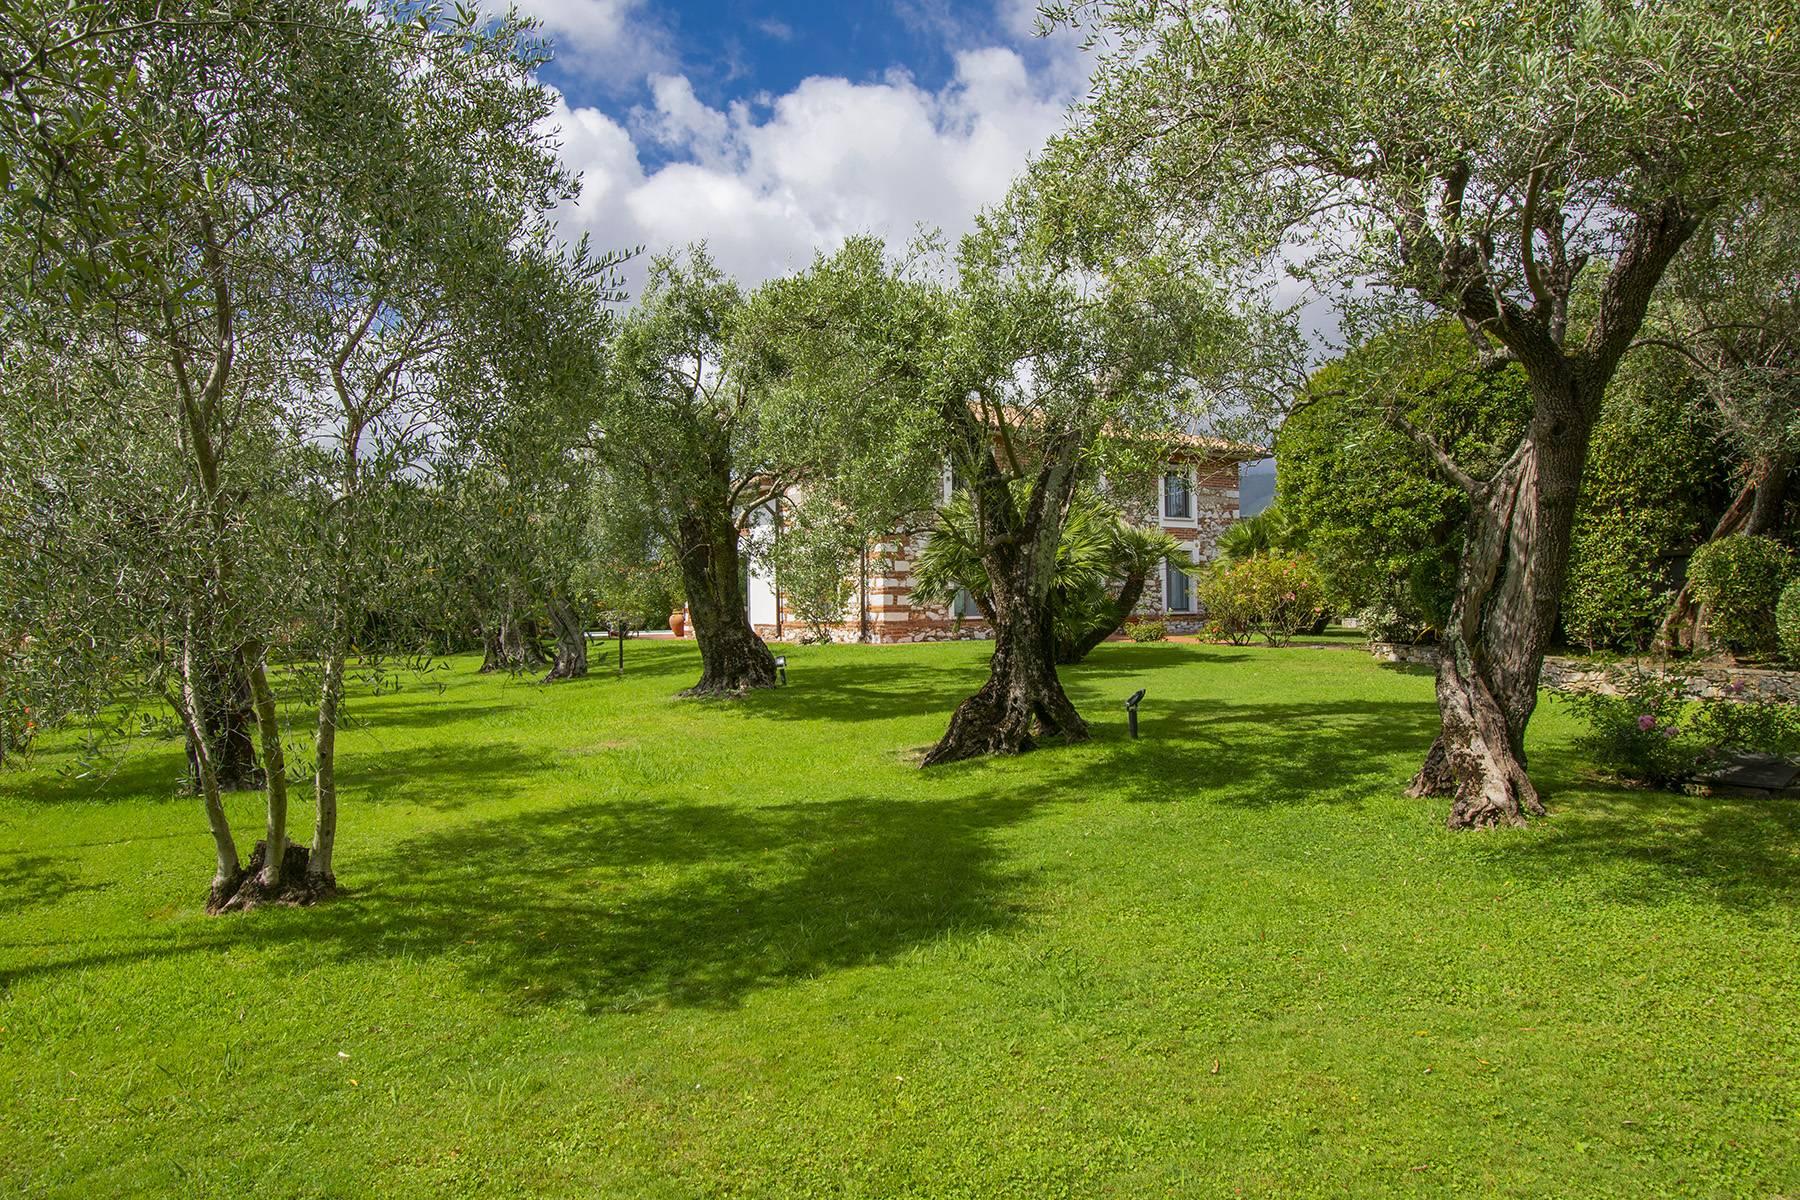 Casa indipendente in Vendita a Pietrasanta: 5 locali, 280 mq - Foto 13